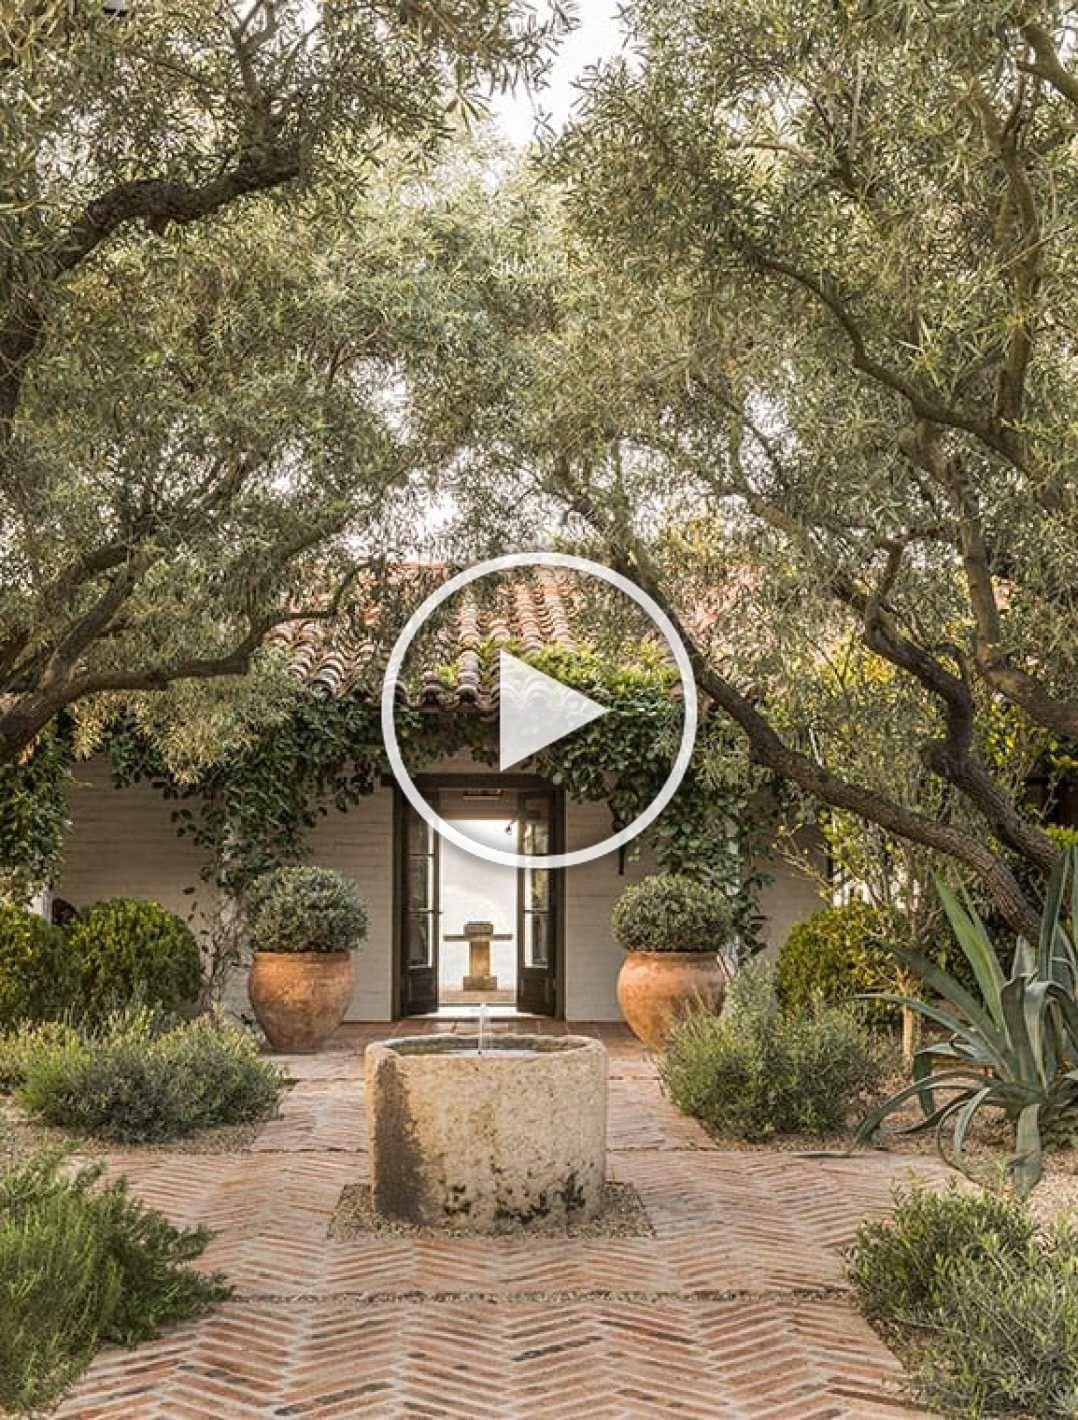 Design Ed Scott Shrader Garden Design Rough Luxe Lifestyle Gardendesign Outdoor Living Mediterraner Garten Garten Deko Diy Garten